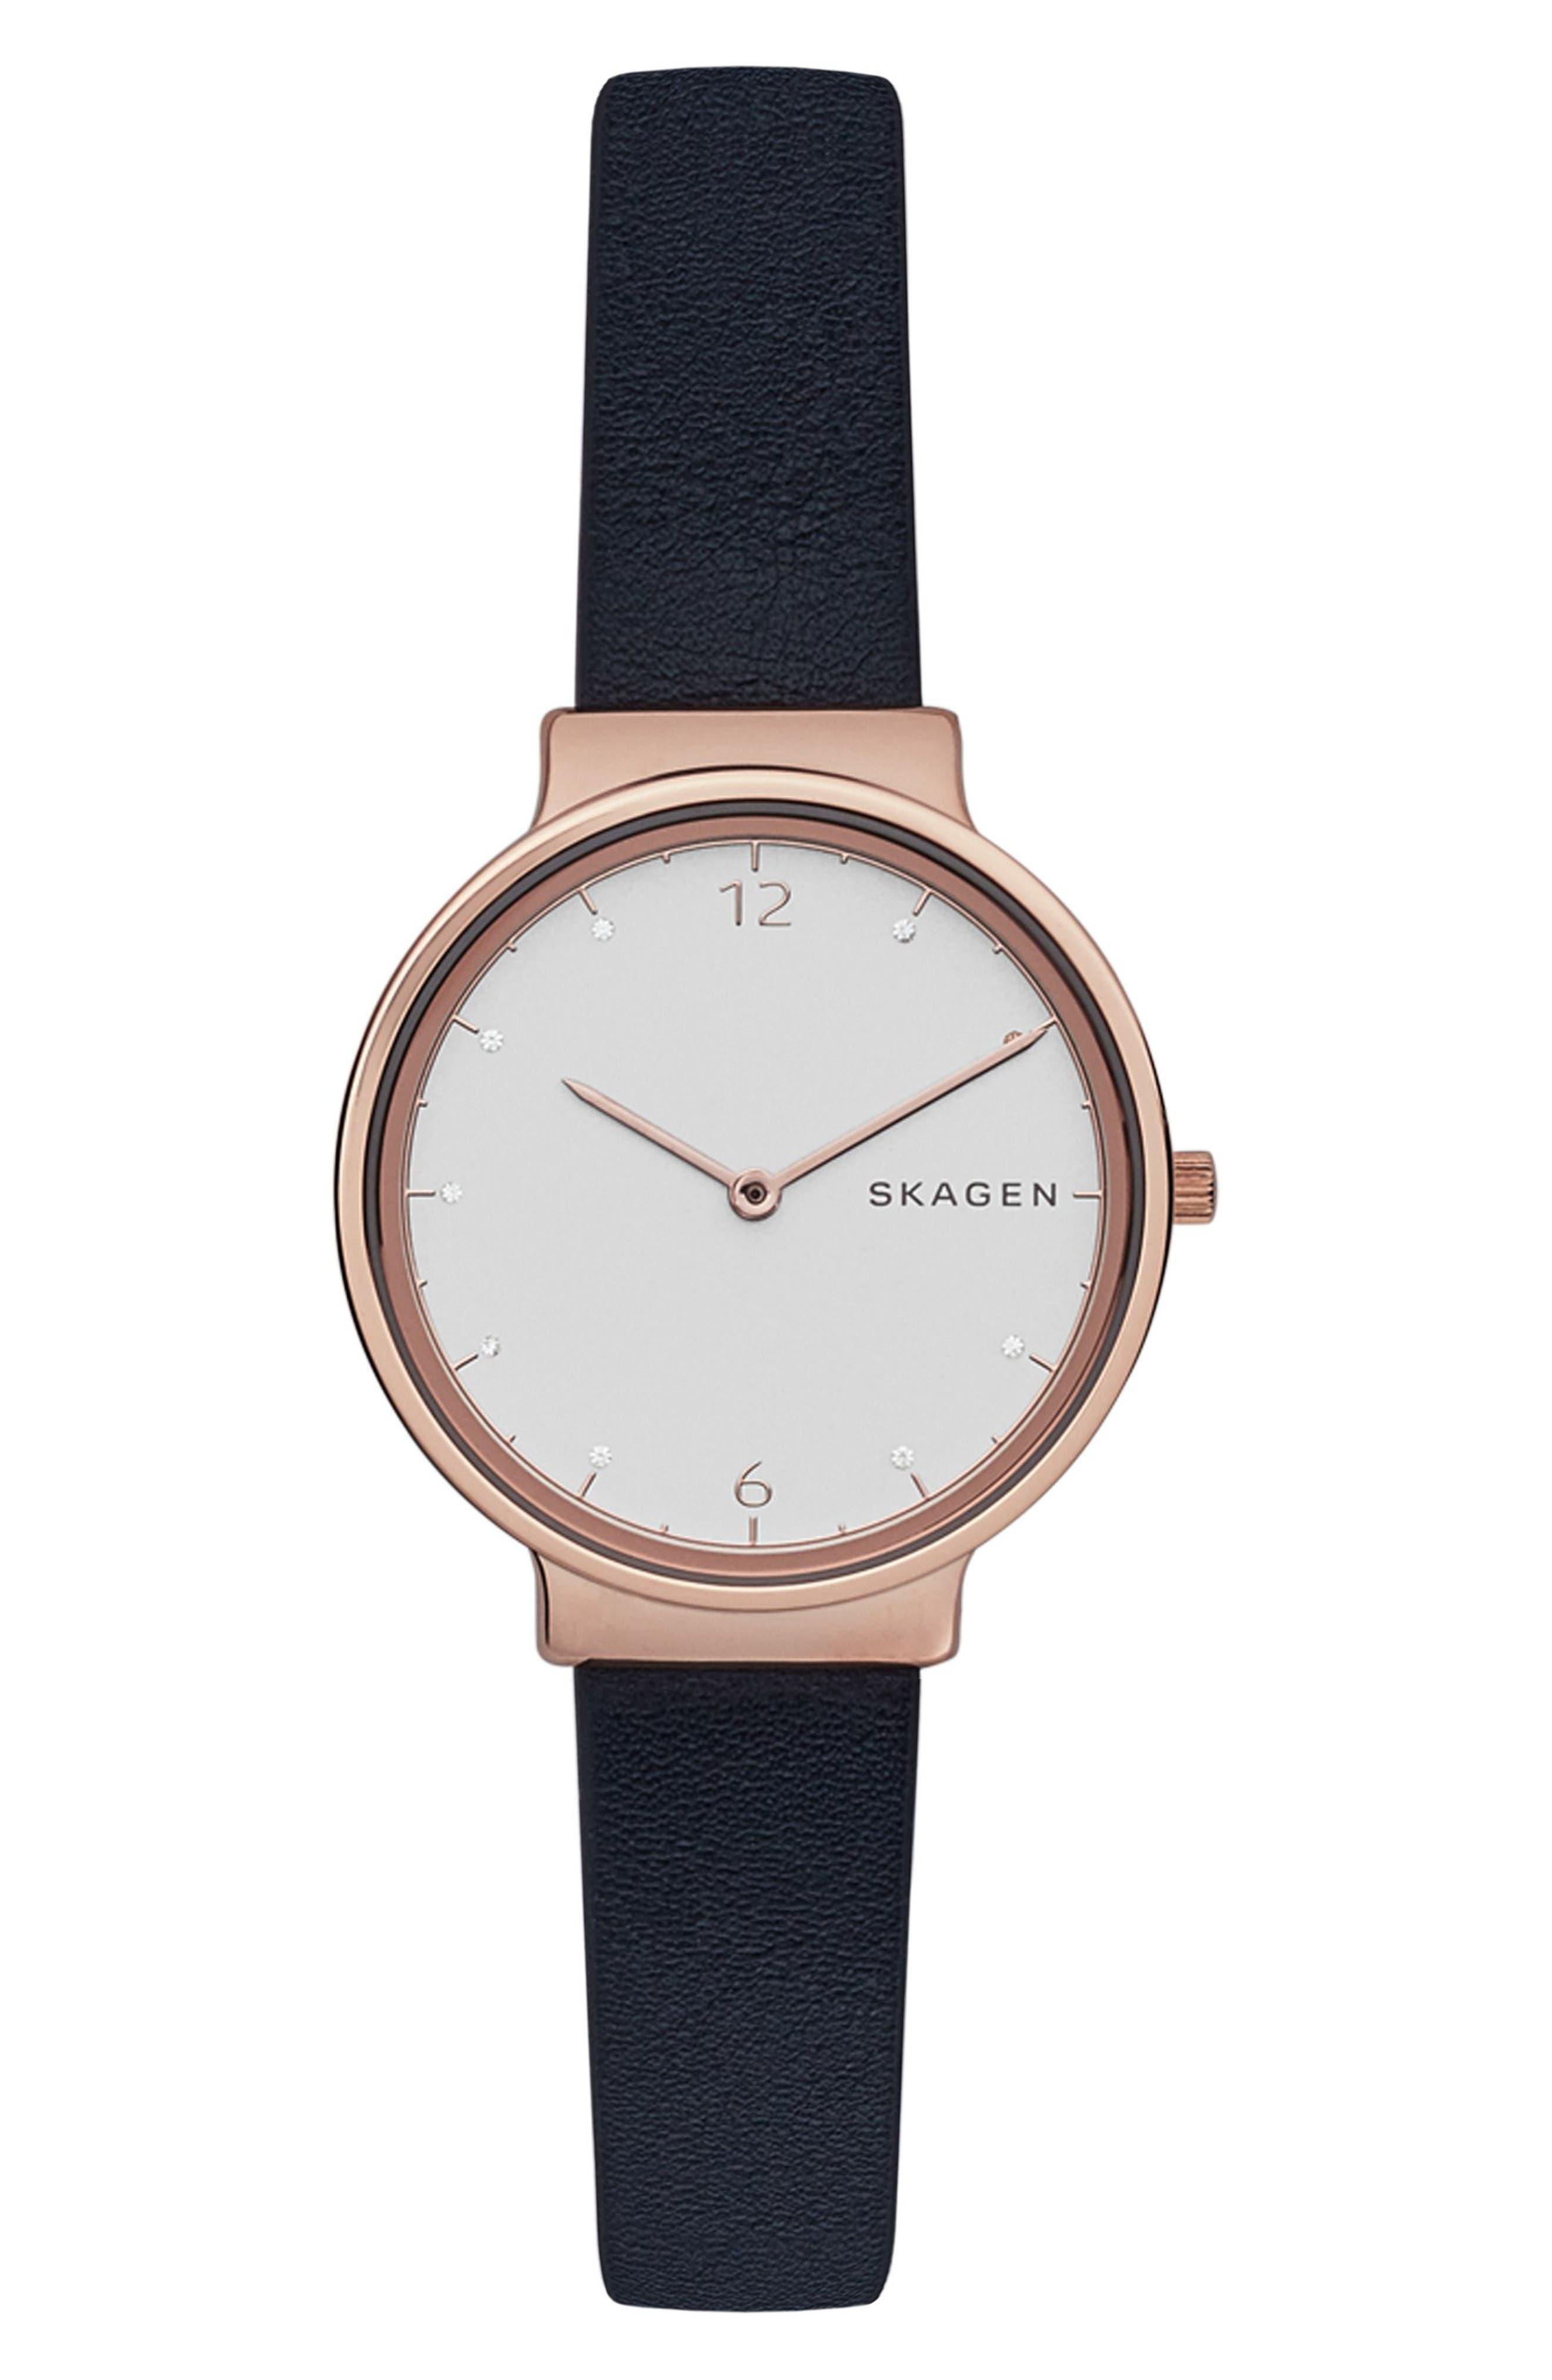 Skagen Ancher Crystal Index Leather Strap Watch, 30mm